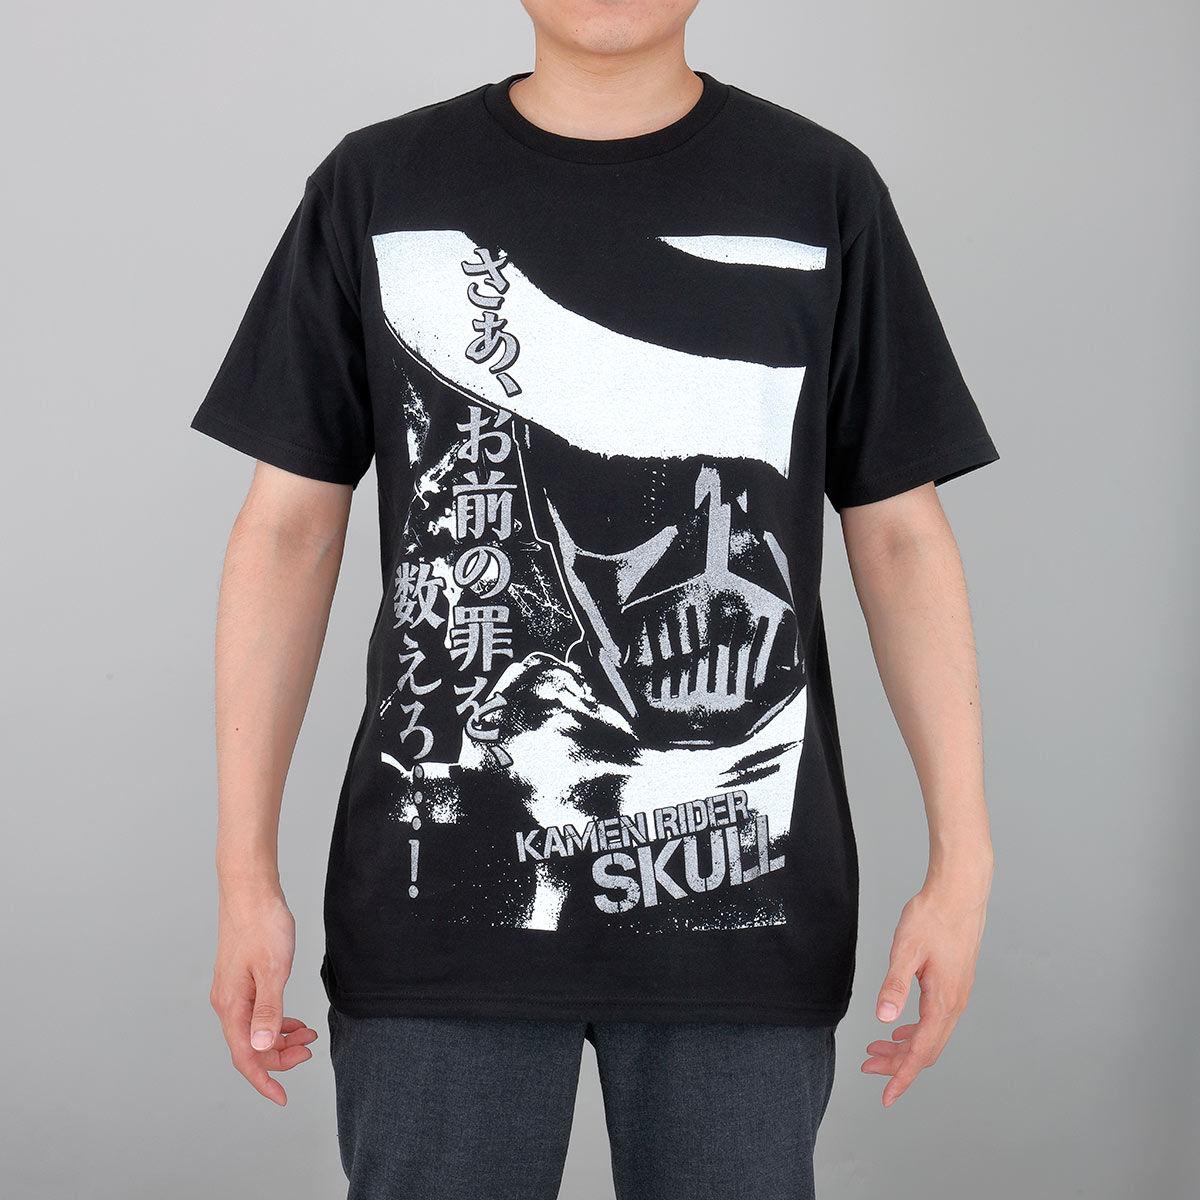 Kamen Rider W Climax Scene T-shirt - Kamen Rider Skull ver.